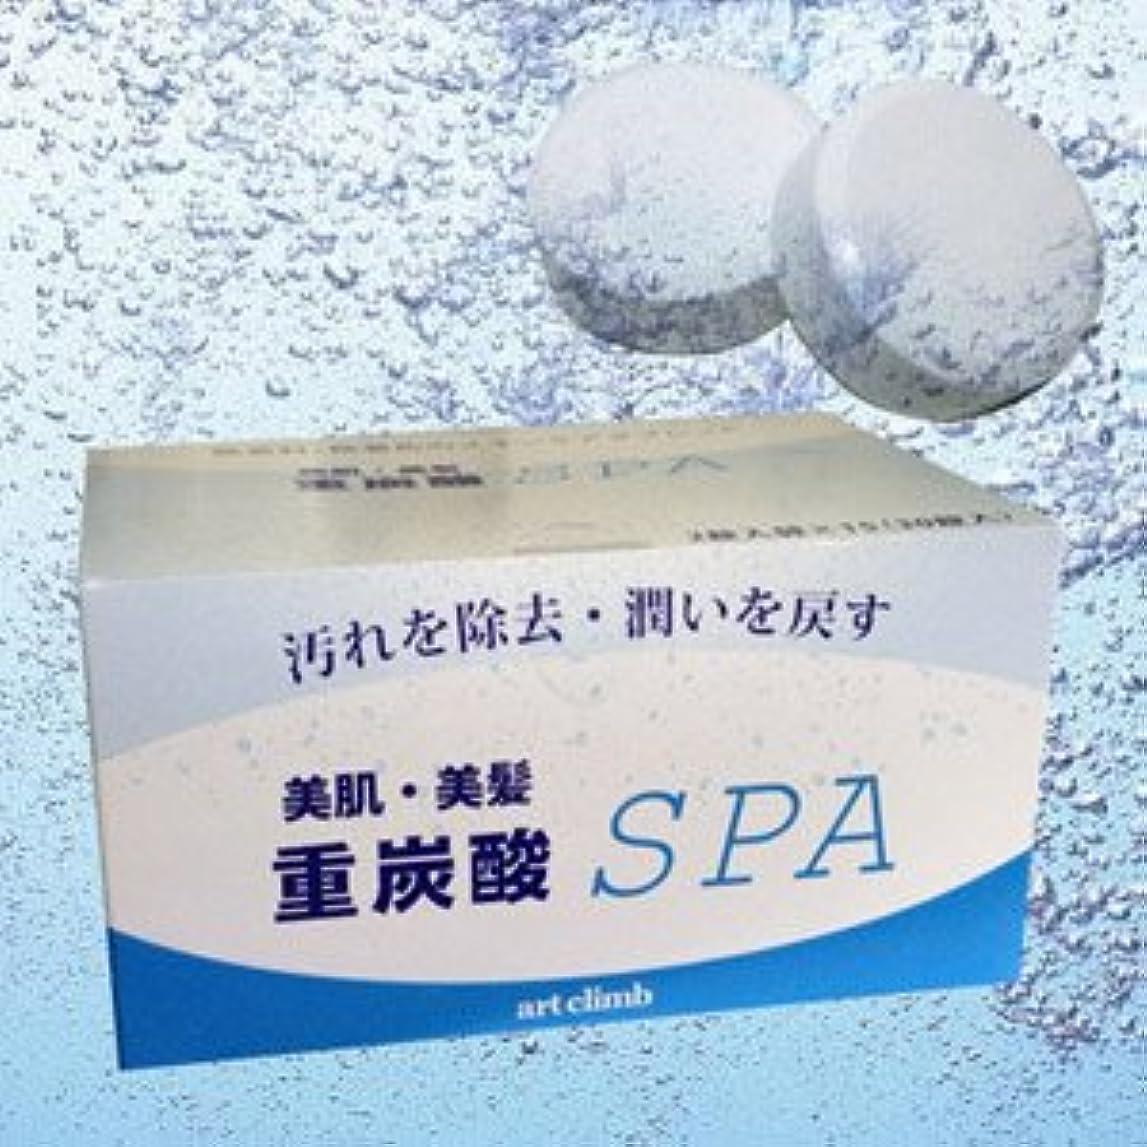 白雪姫抵抗力があるフィドル炭酸泉タブレット 重炭酸SPA 16g x 36錠入り